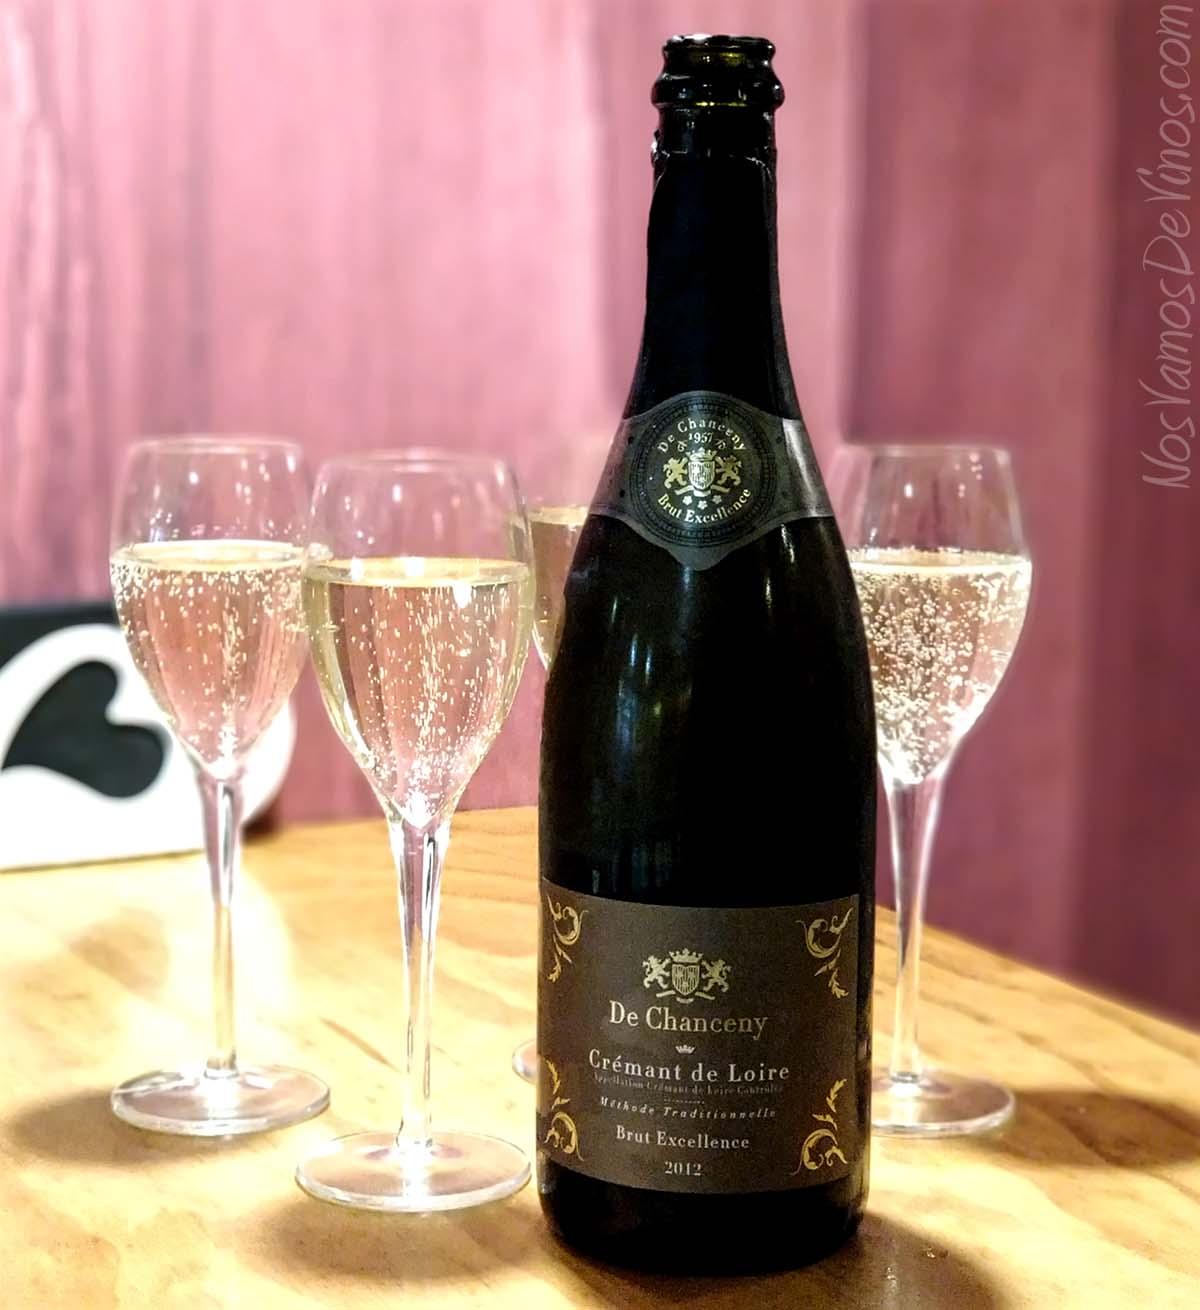 De Chanceny Cremant de Loire Brut Excellence 2012